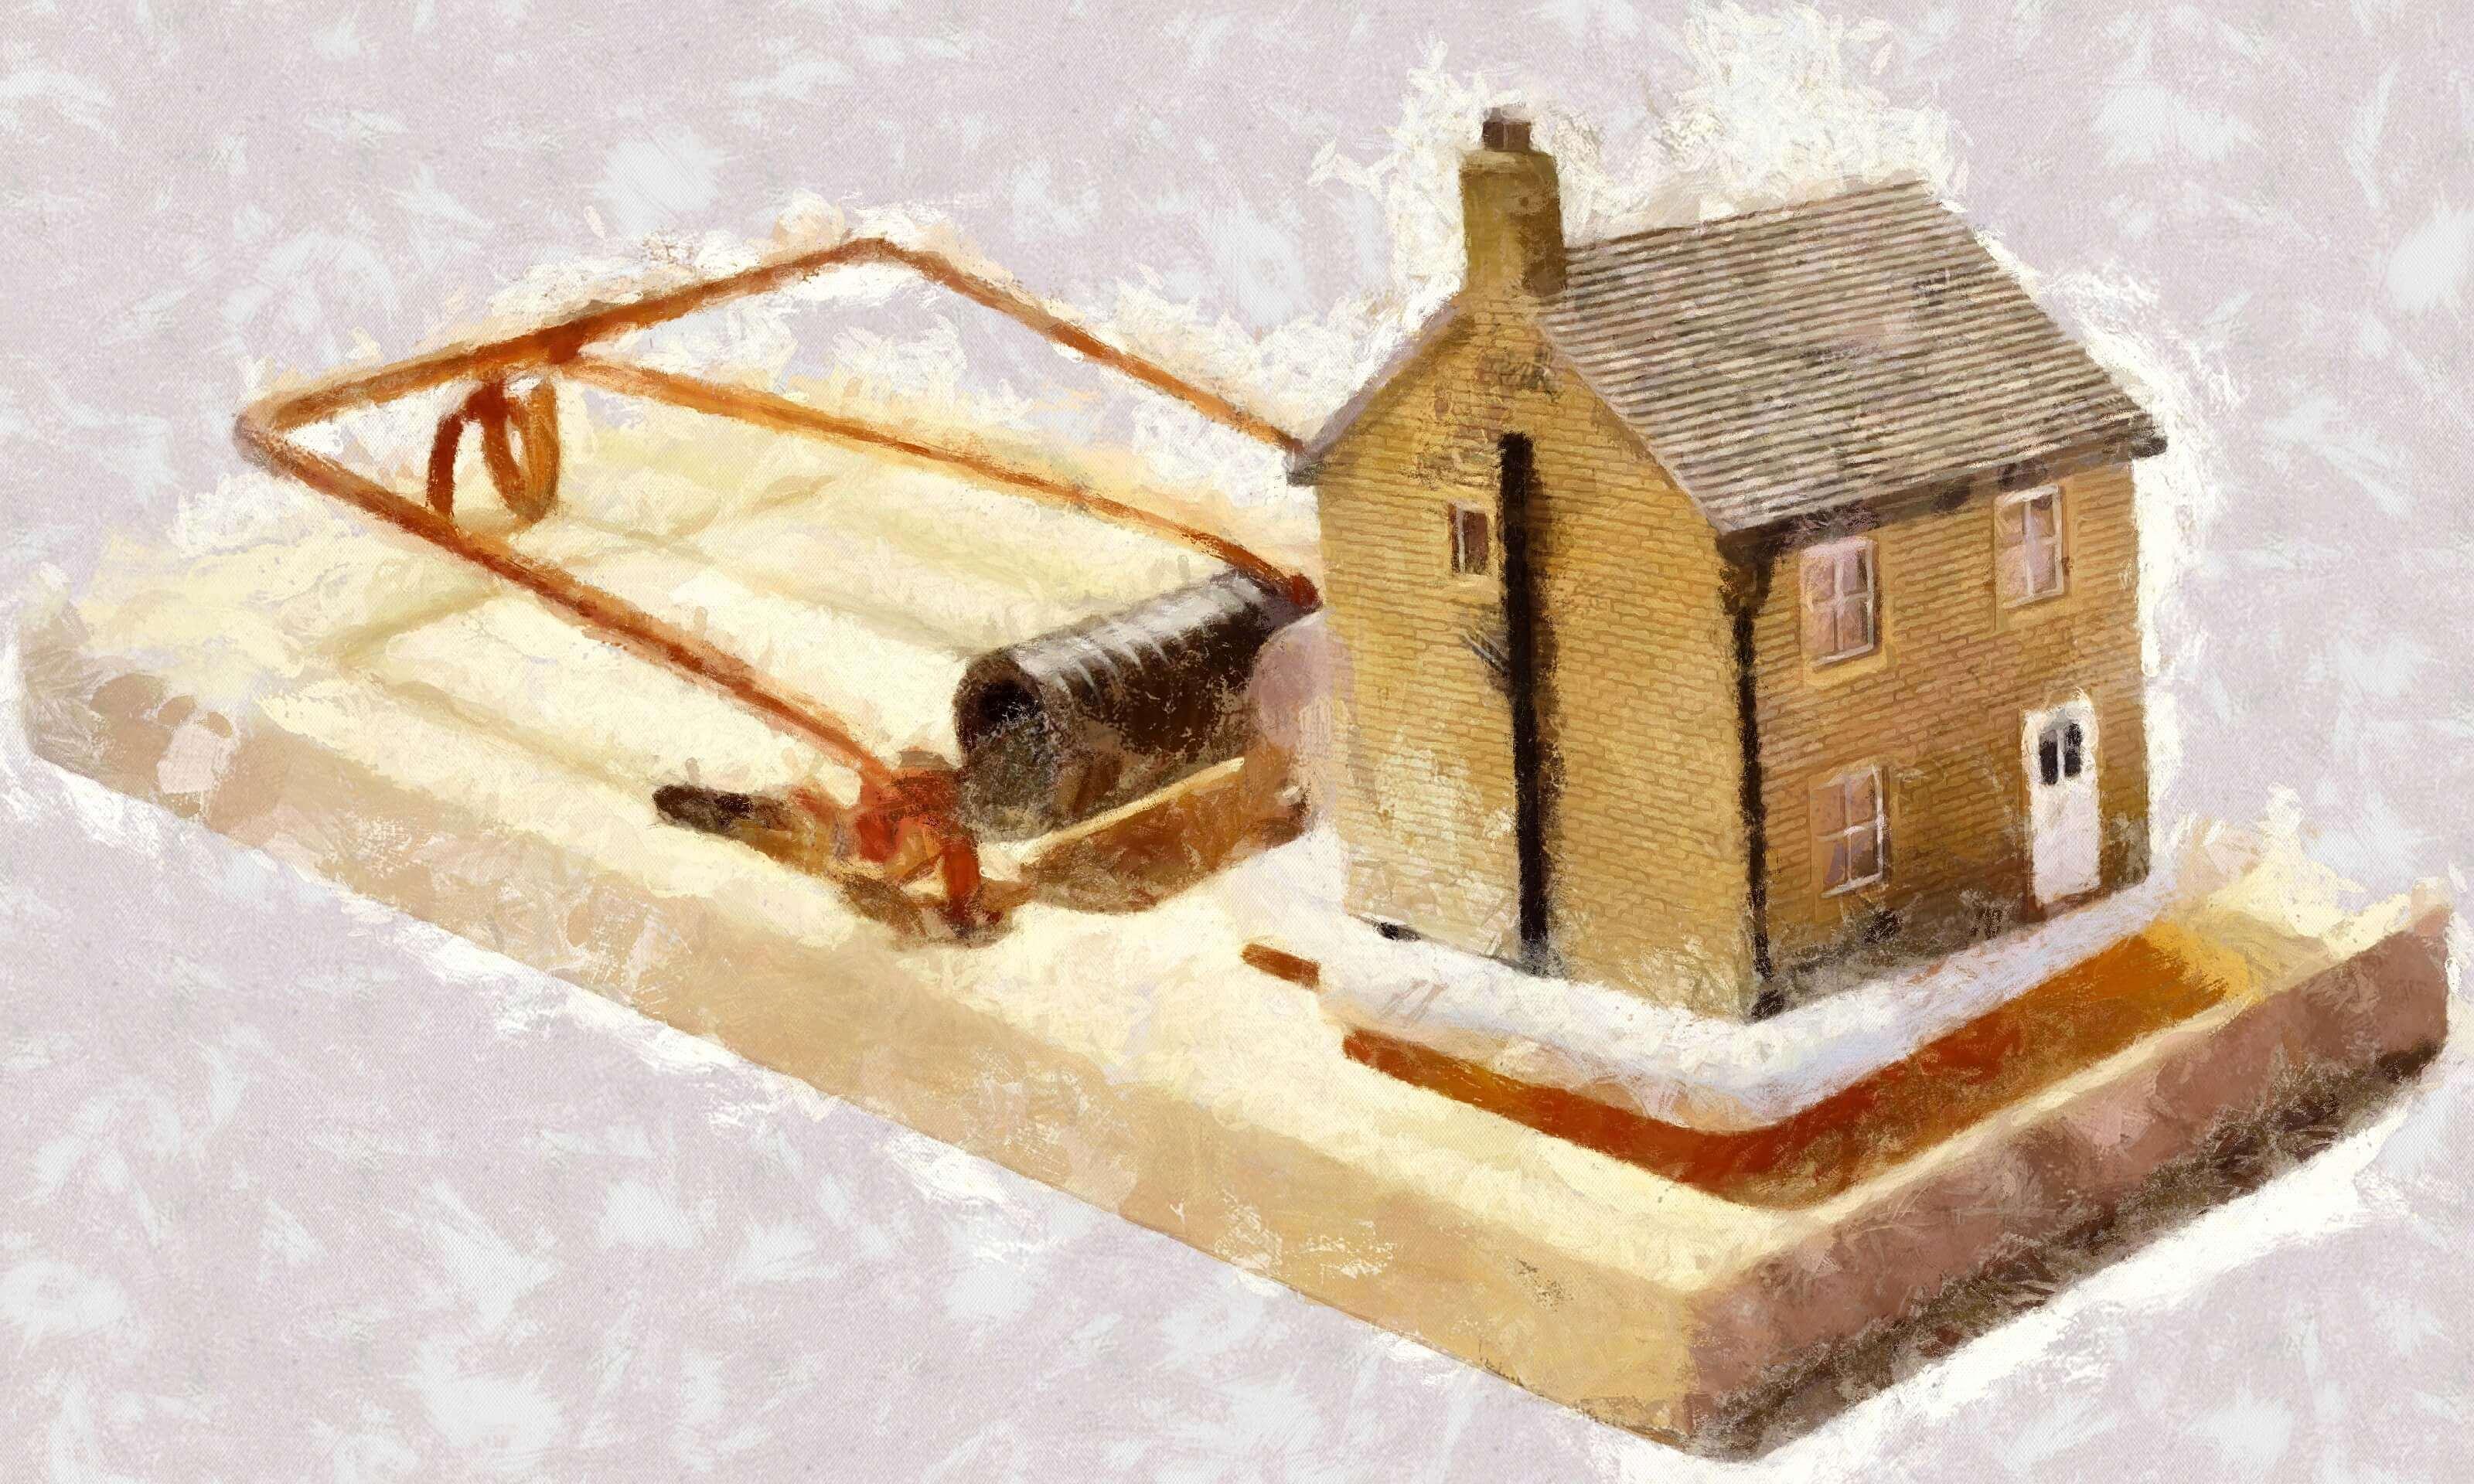 Квартира, купленная в ипотеку, собственность покупателя или банка?